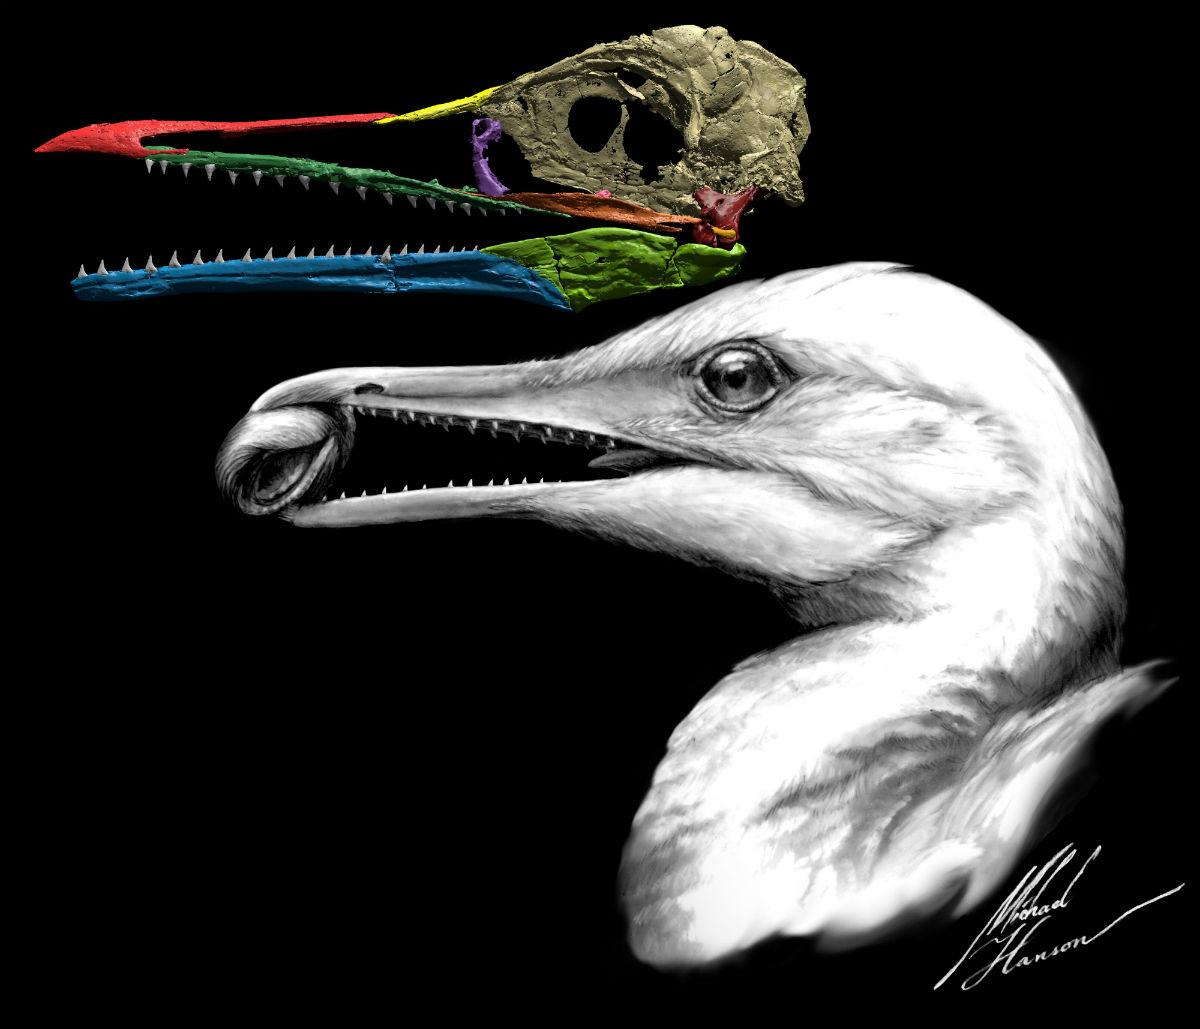 Трехмерное изображение черепа ихтиорниса и реконструкция его головы в представлении художника / Изображение: Michael Hanson / Yale University